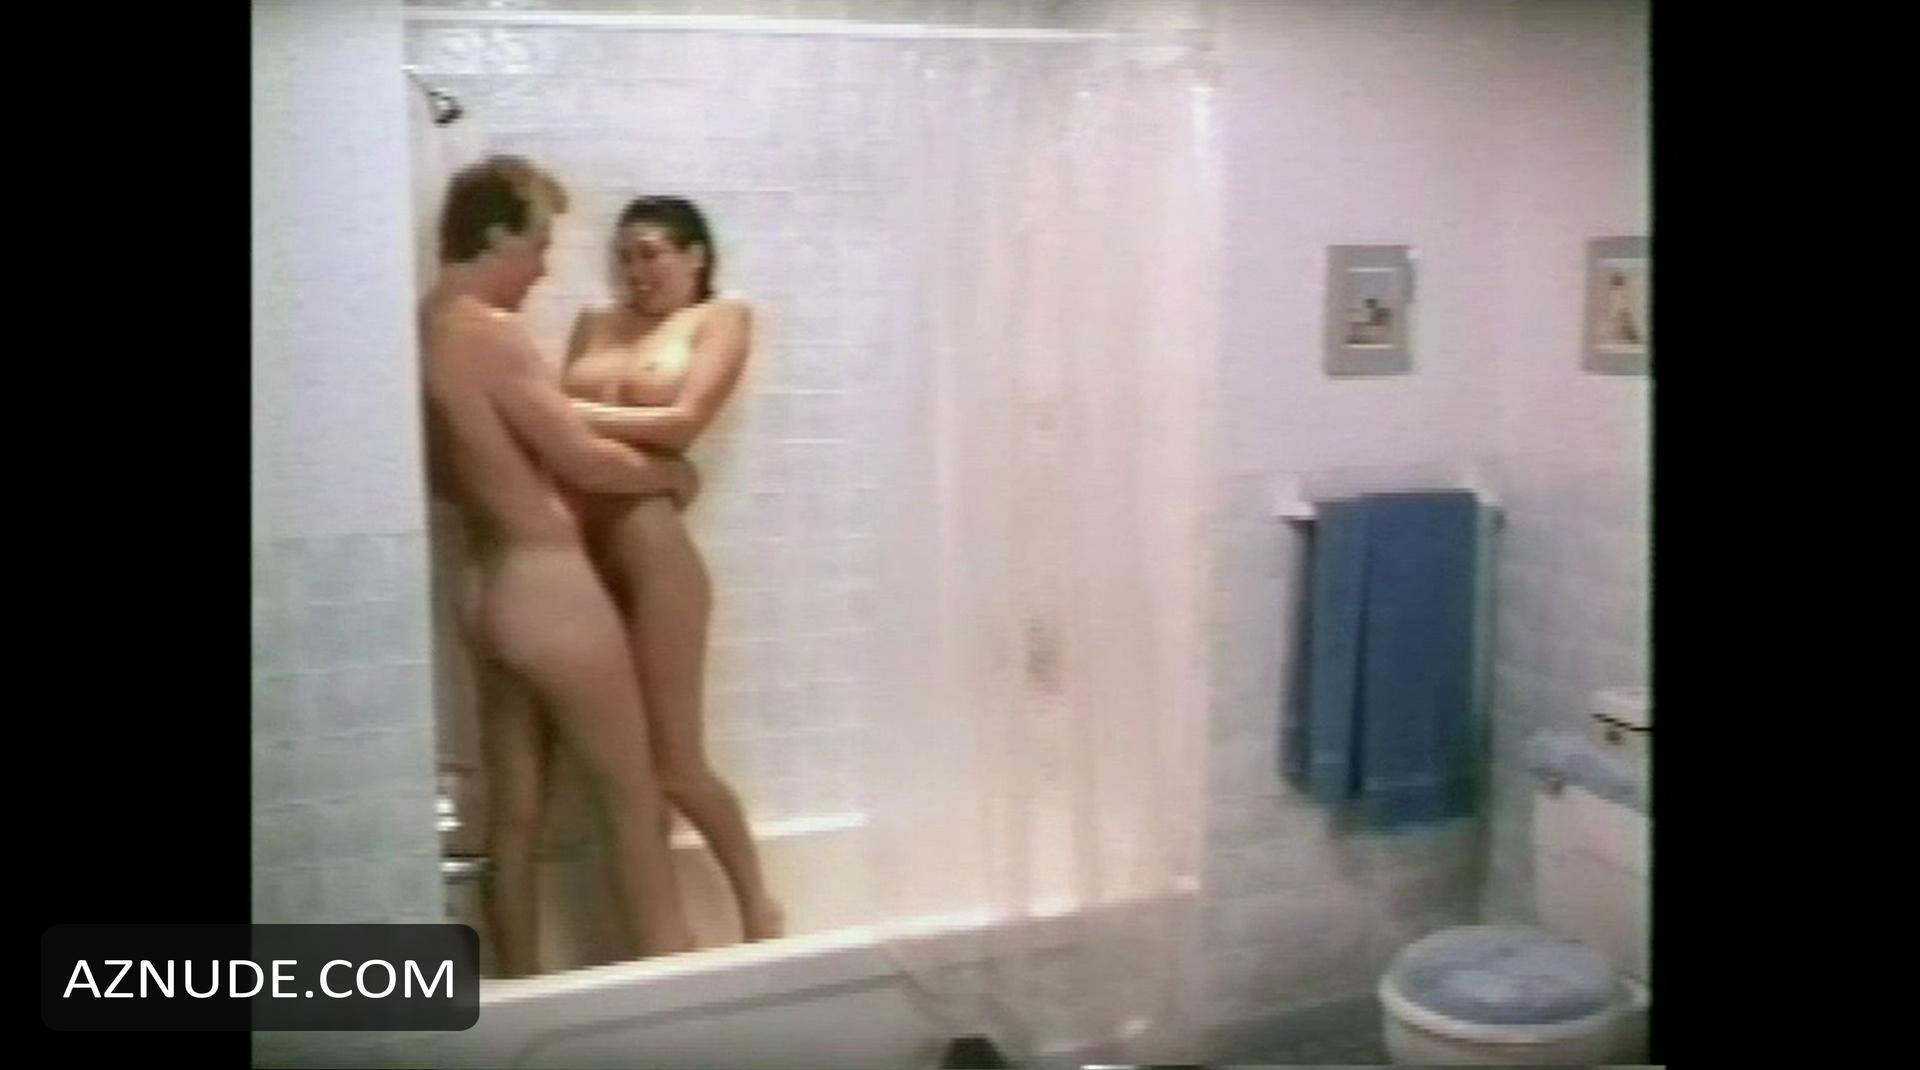 Jodi taylor porn pics